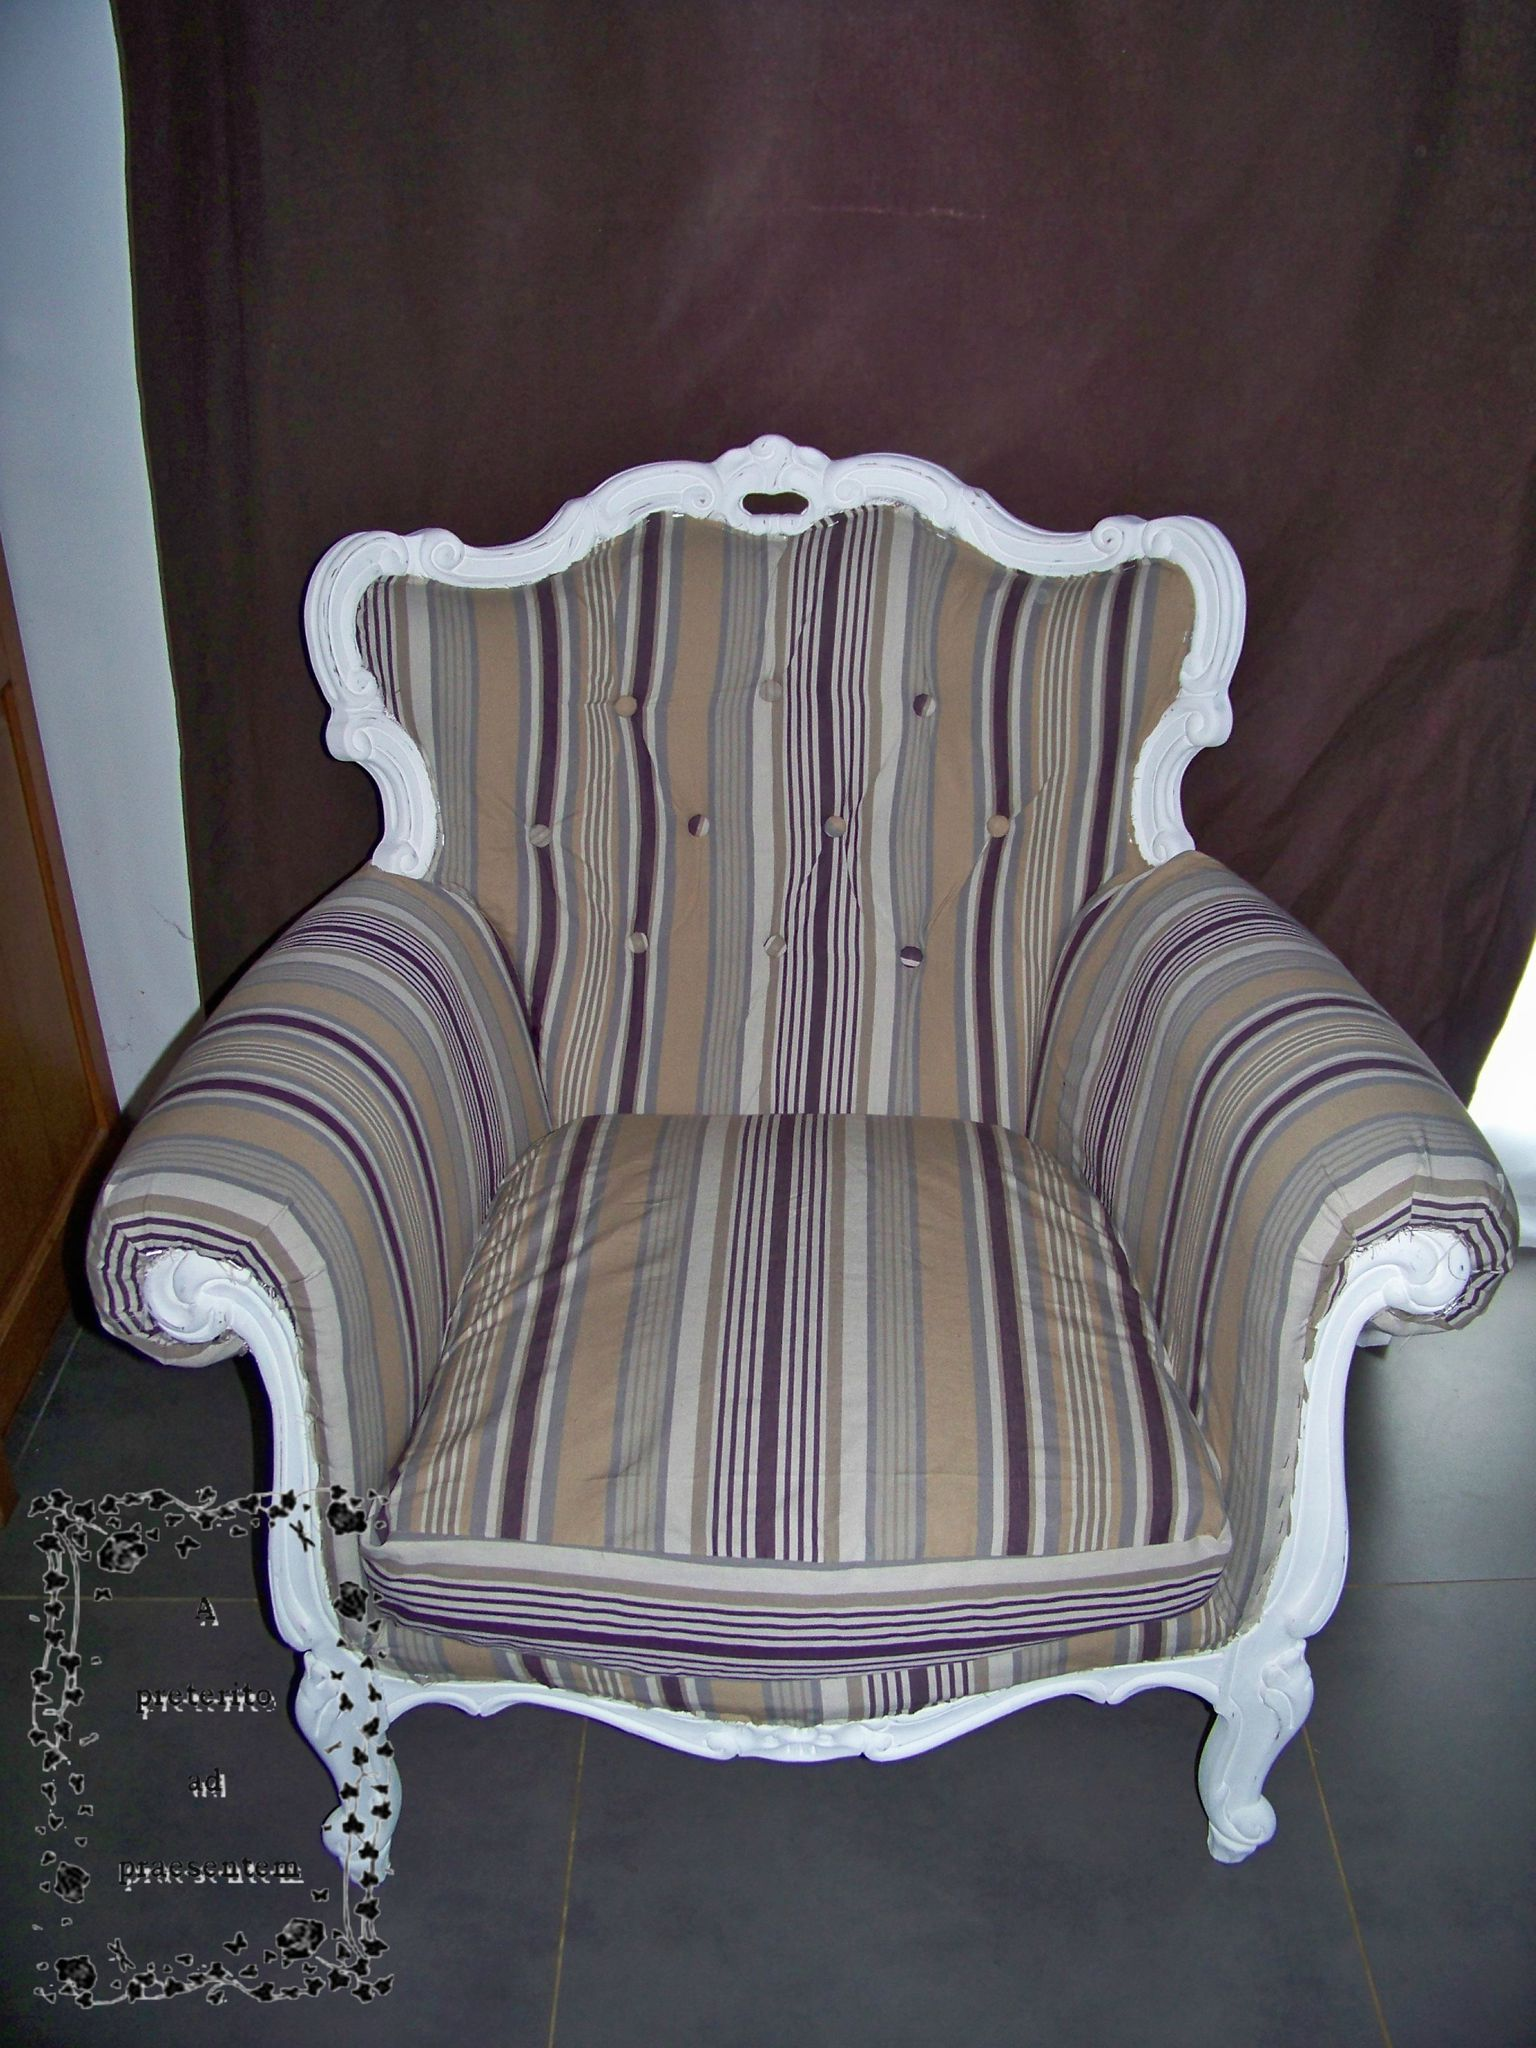 nouveau fauteuil pour futur coin lecture au coin du feu ikea 39 s fabric addict. Black Bedroom Furniture Sets. Home Design Ideas